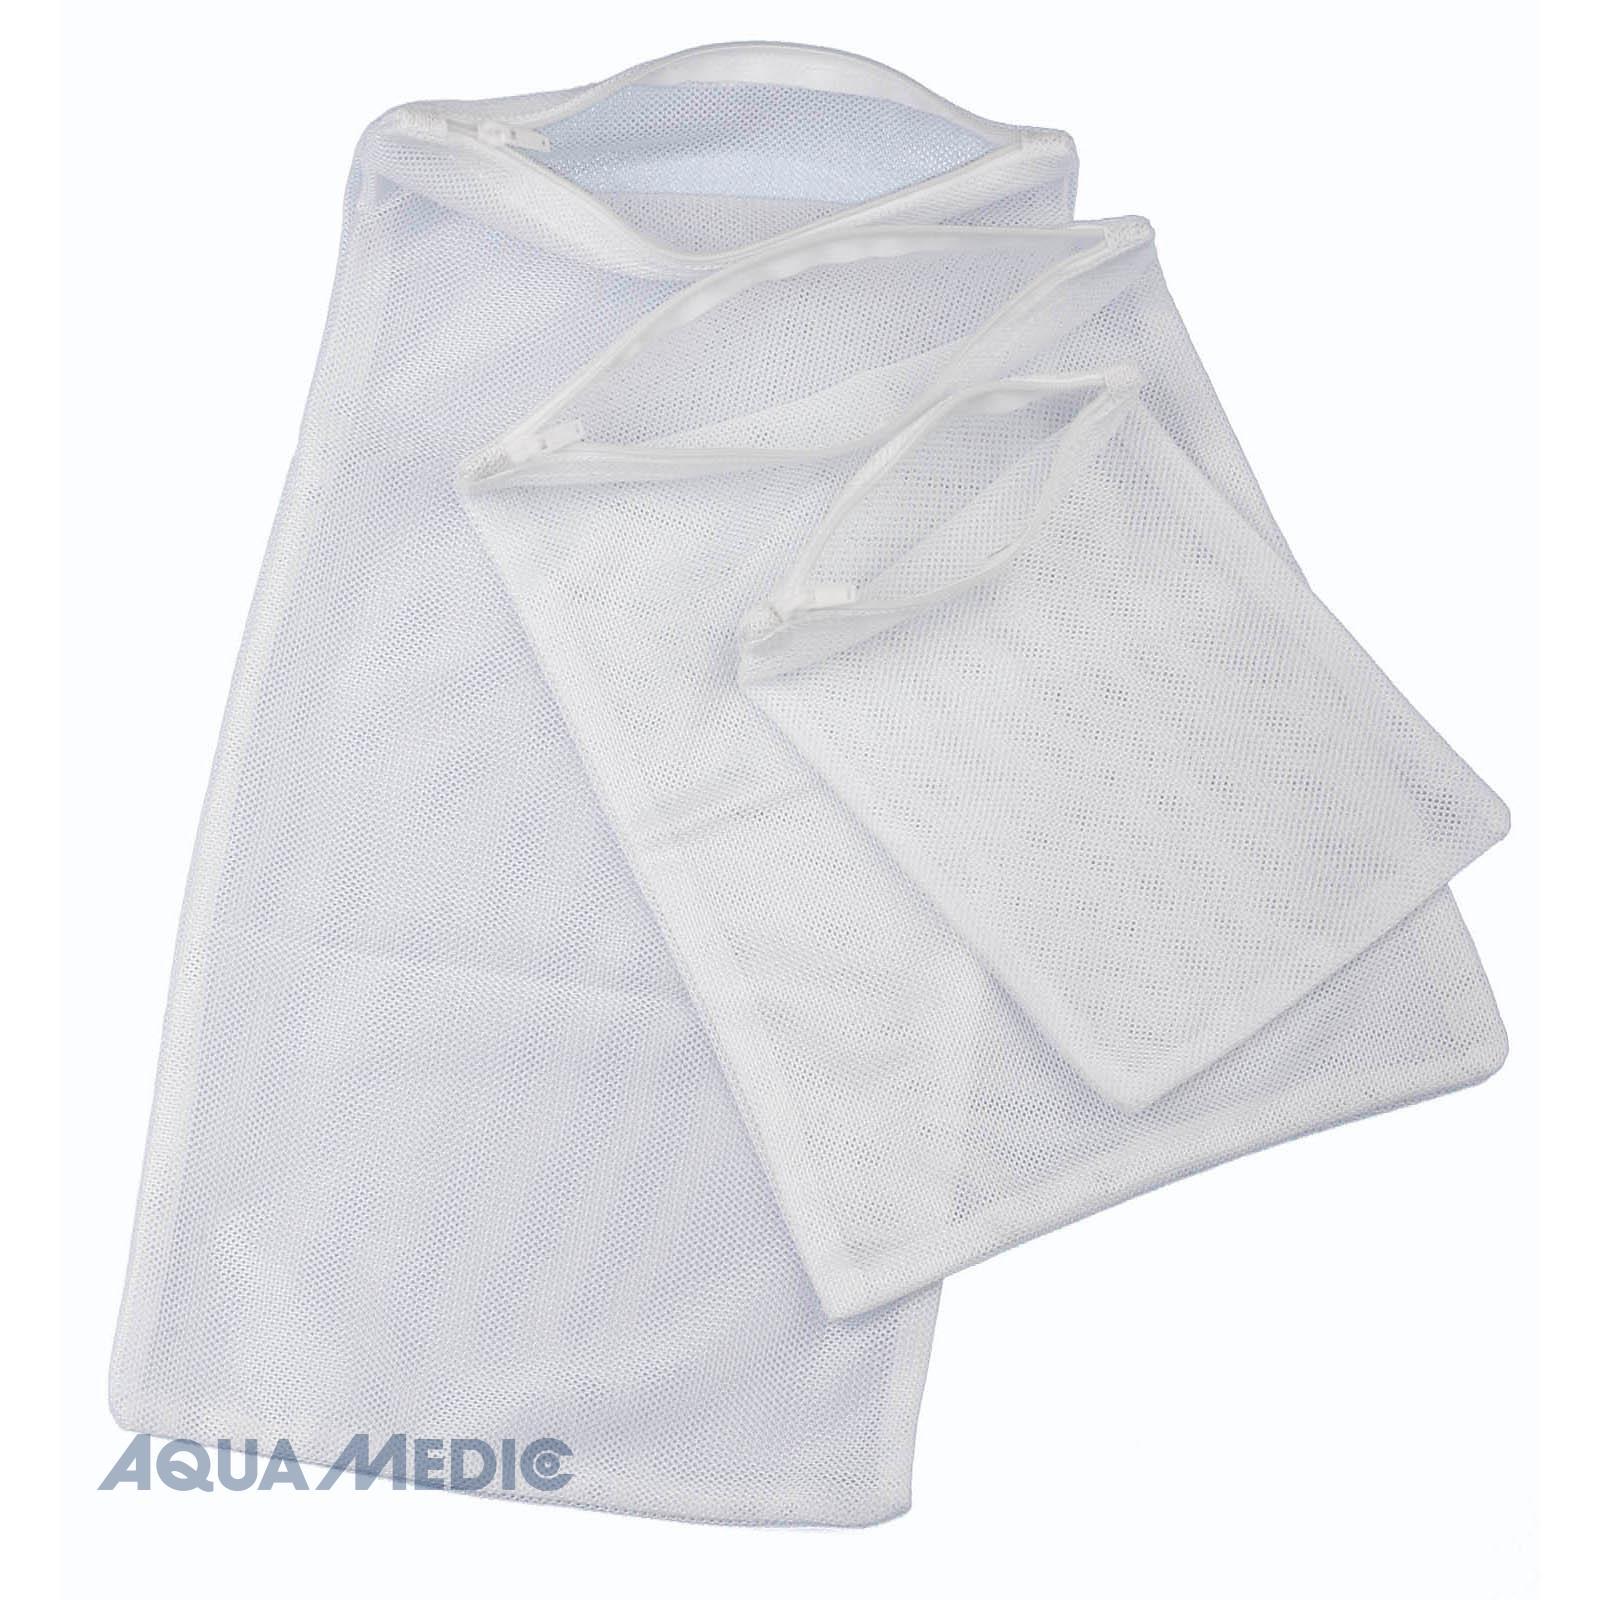 Aquamedic Zip Up Filter Bags